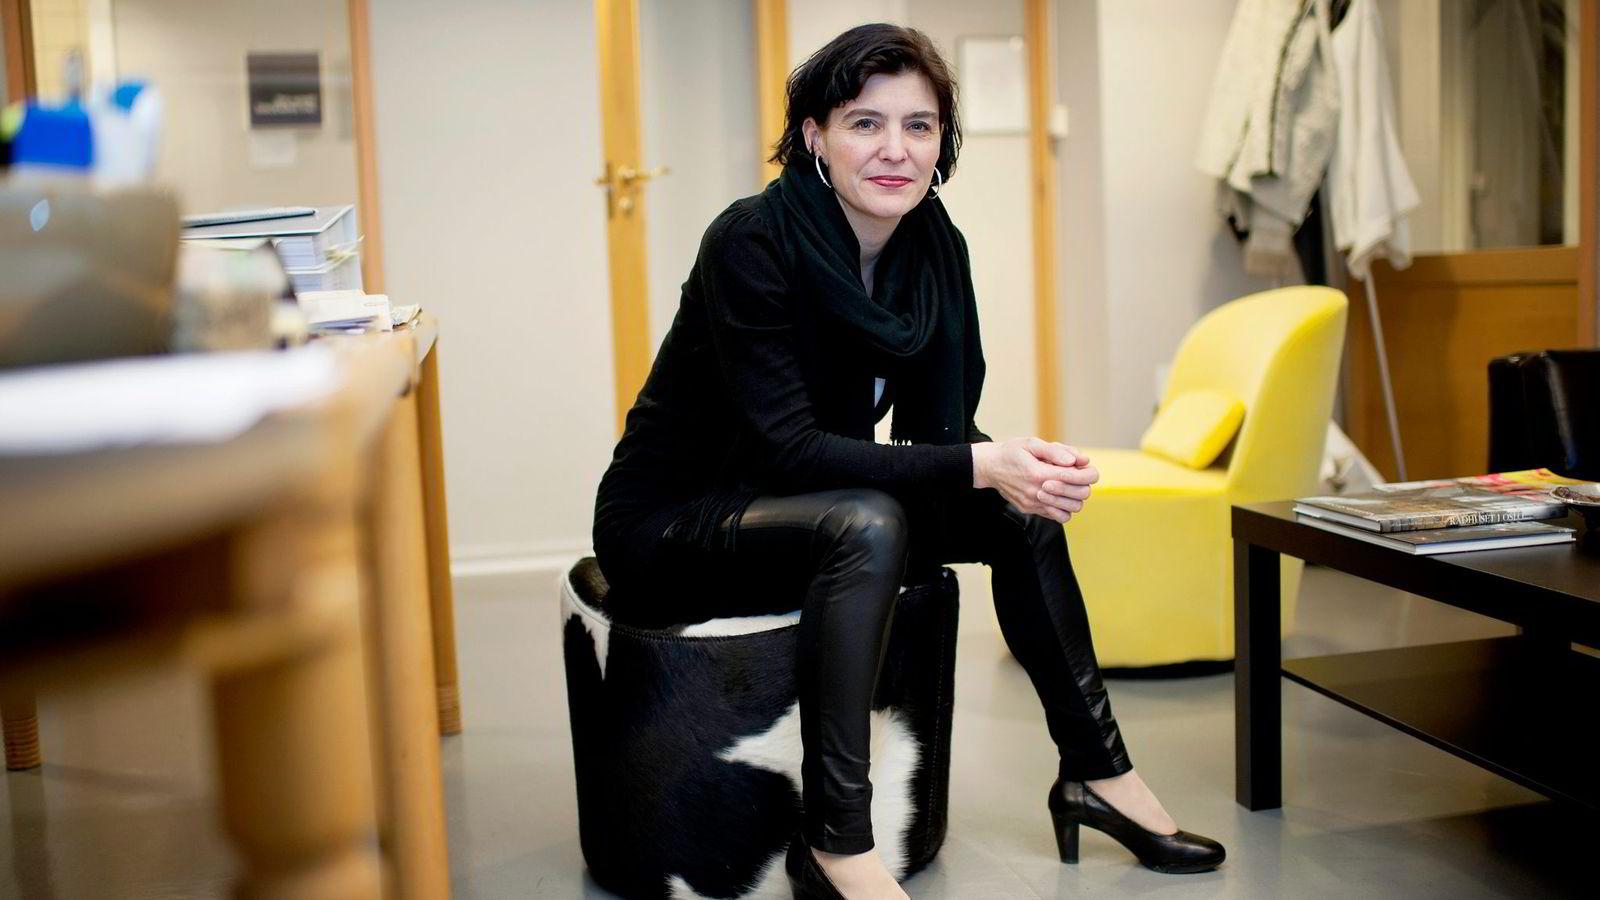 Etter å ha vært generalsekretær i Norsk Presseforbund i tre år, takker Kjersti Løken Stavrum for seg.